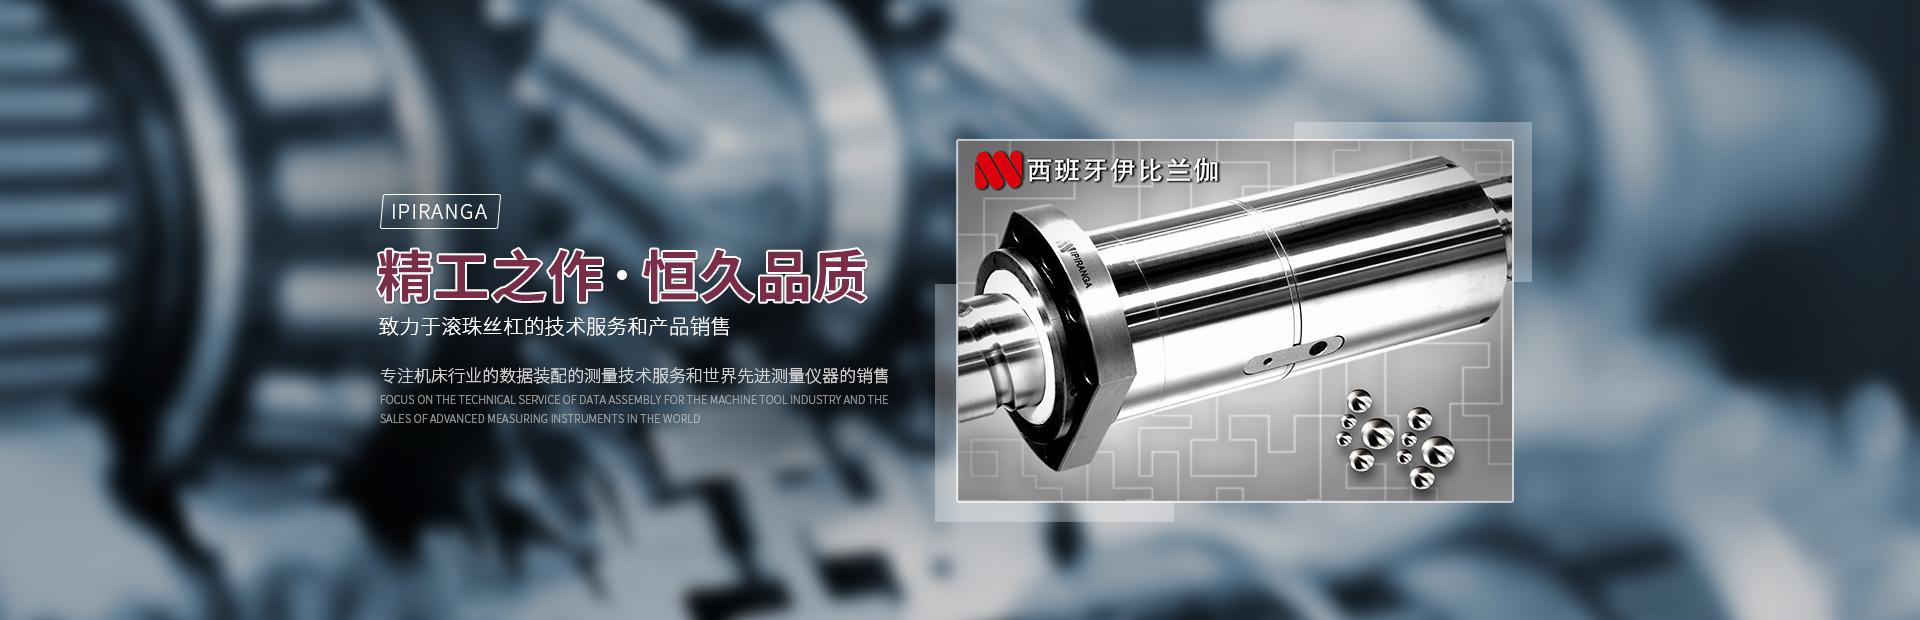 伊比兰伽(上海)国际贸易有限公司